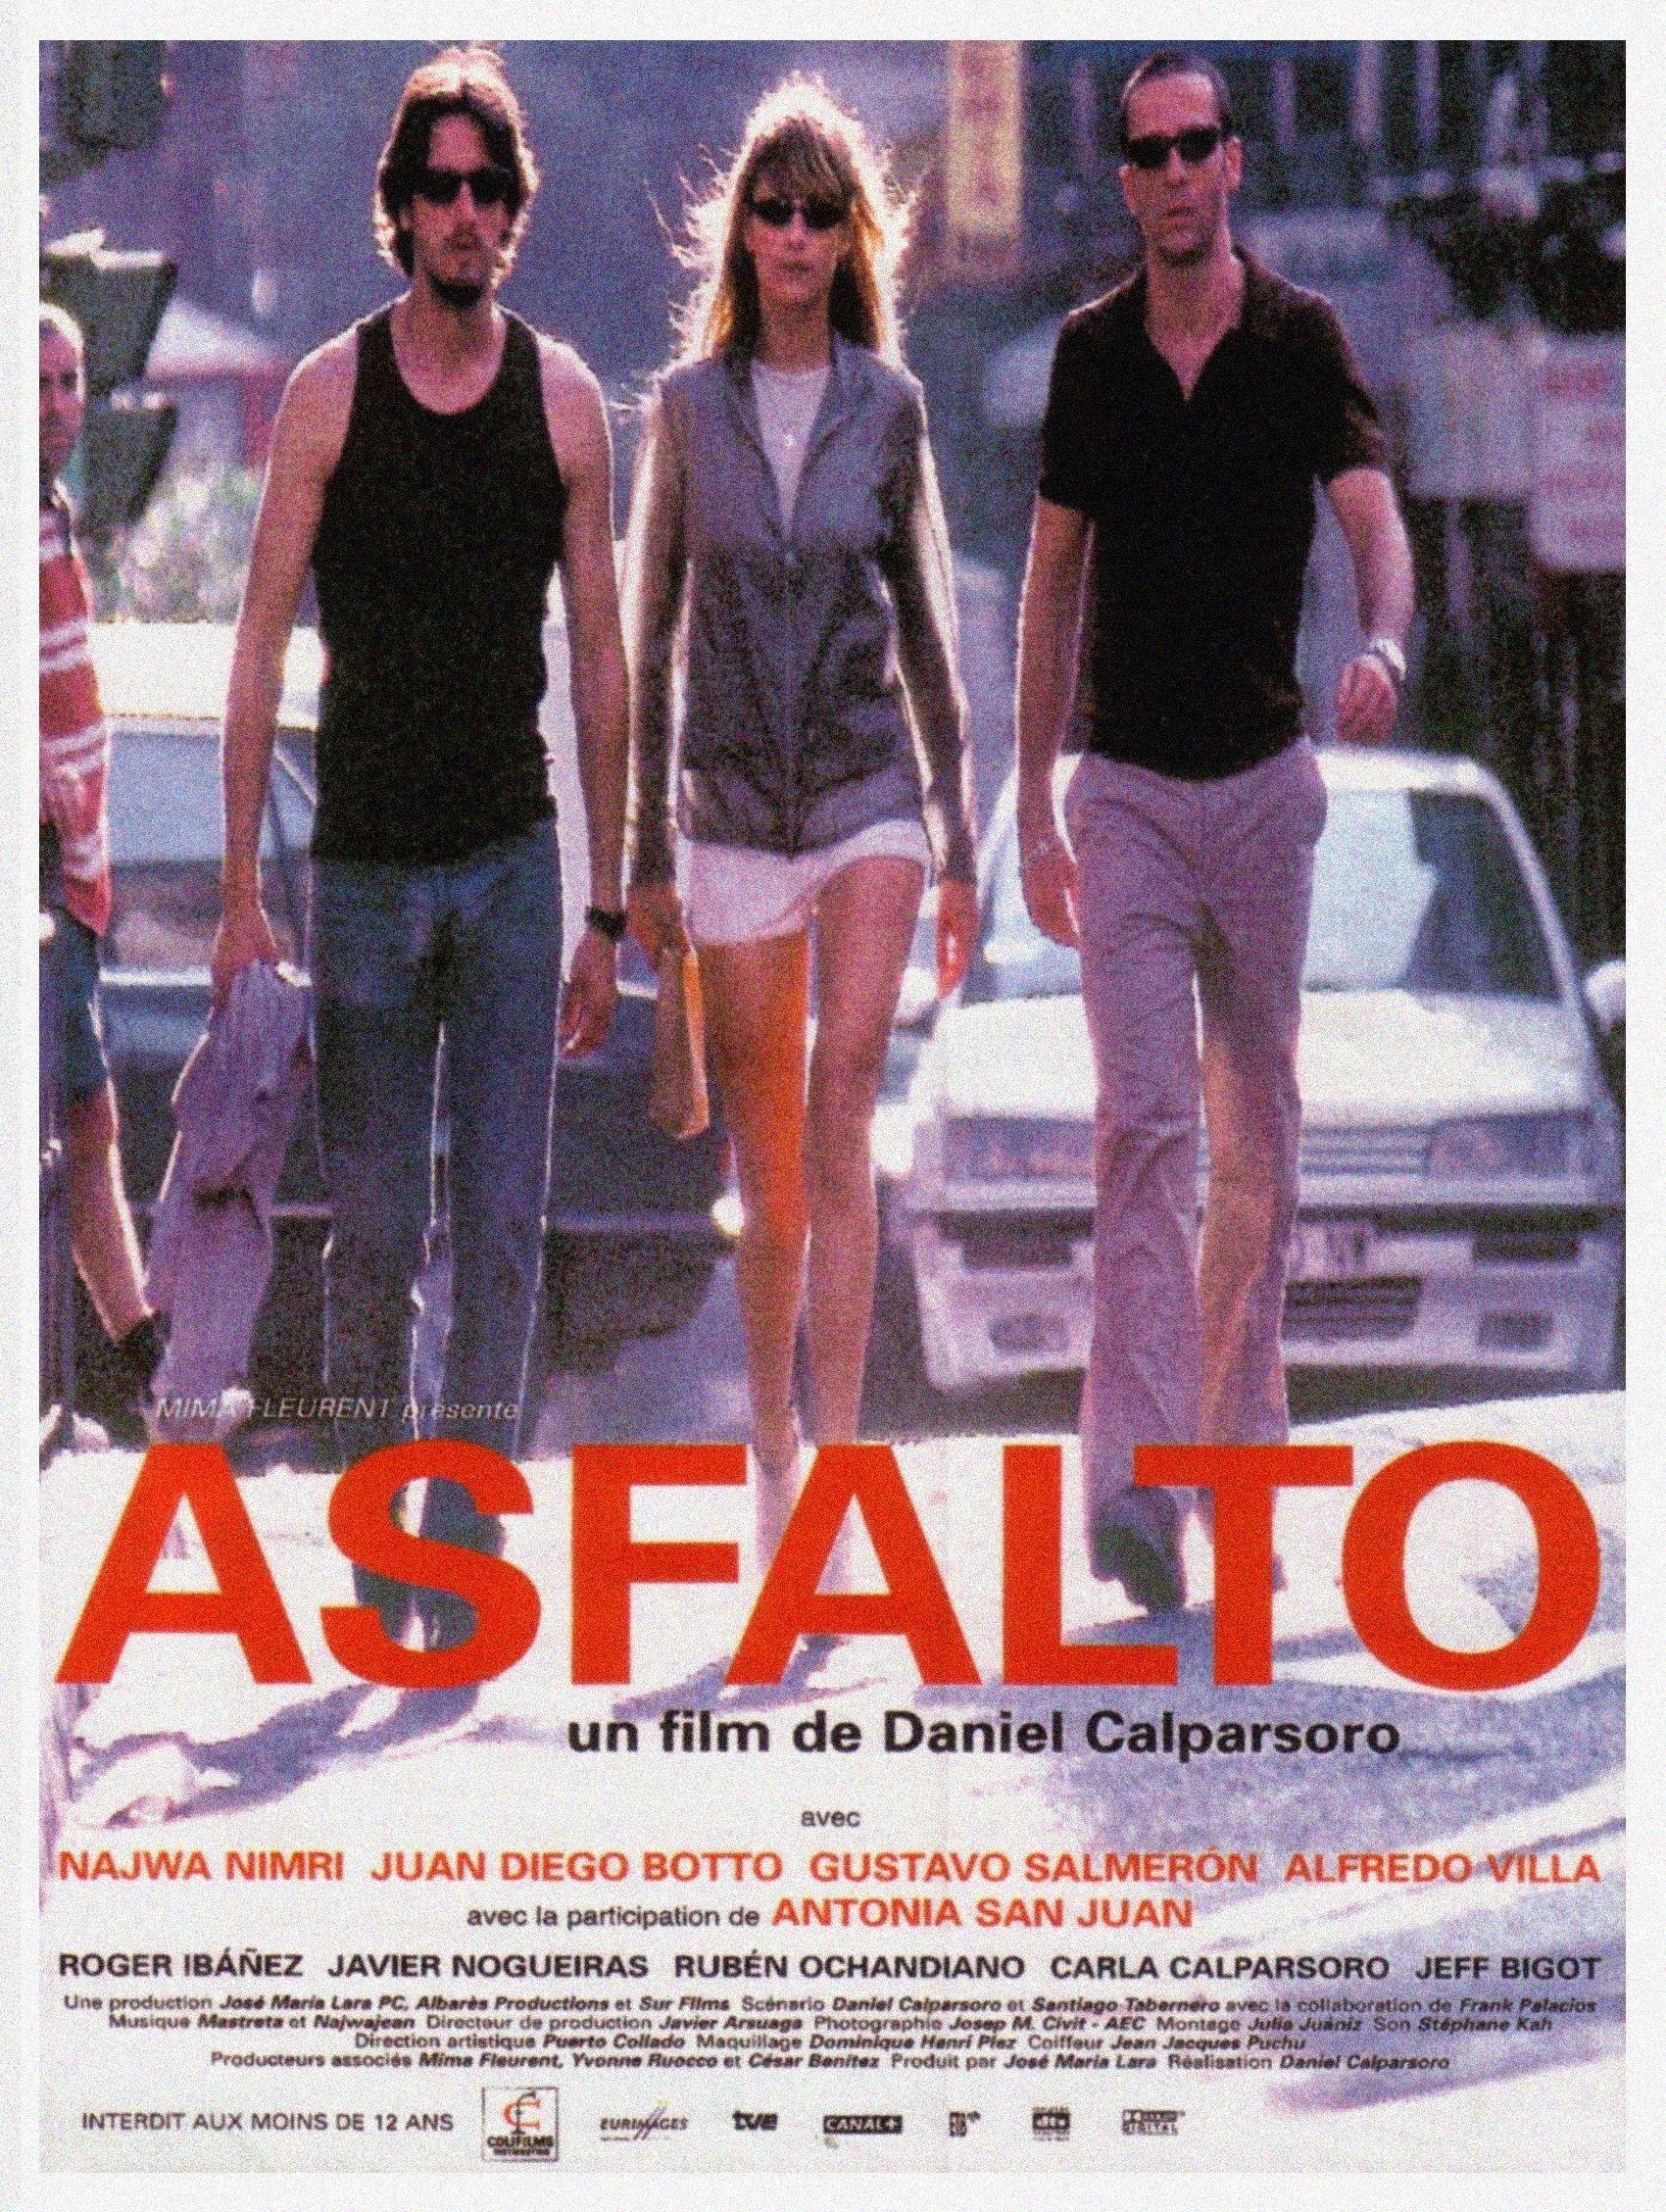 Asfalto - Daniel Calparsoro - Cartel - (BSO) - Mastretta